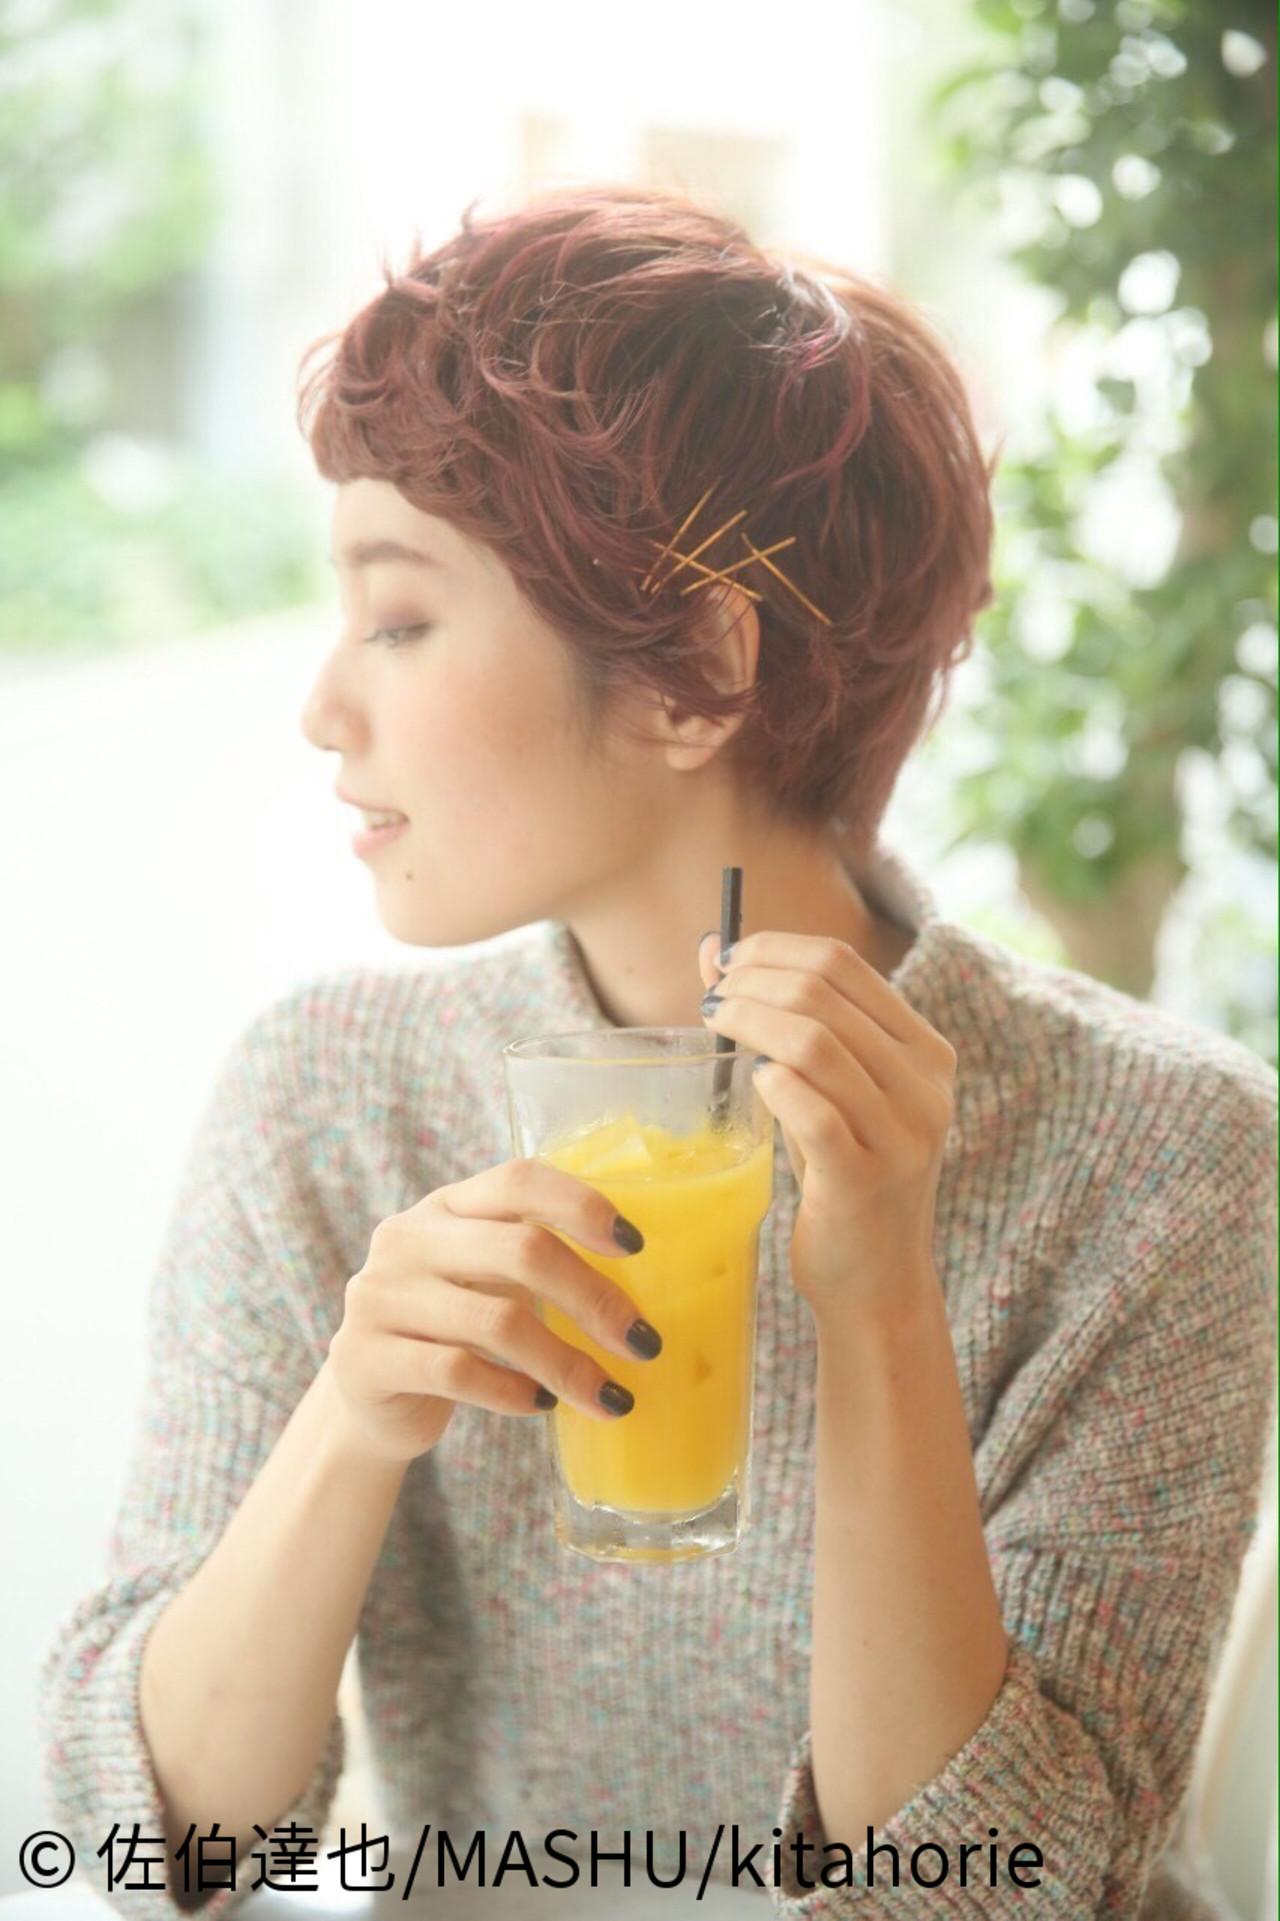 黒髪×パーマで作る媚びない夏の大人女子特集♡ 佐伯達也/MASHU/kitahorie